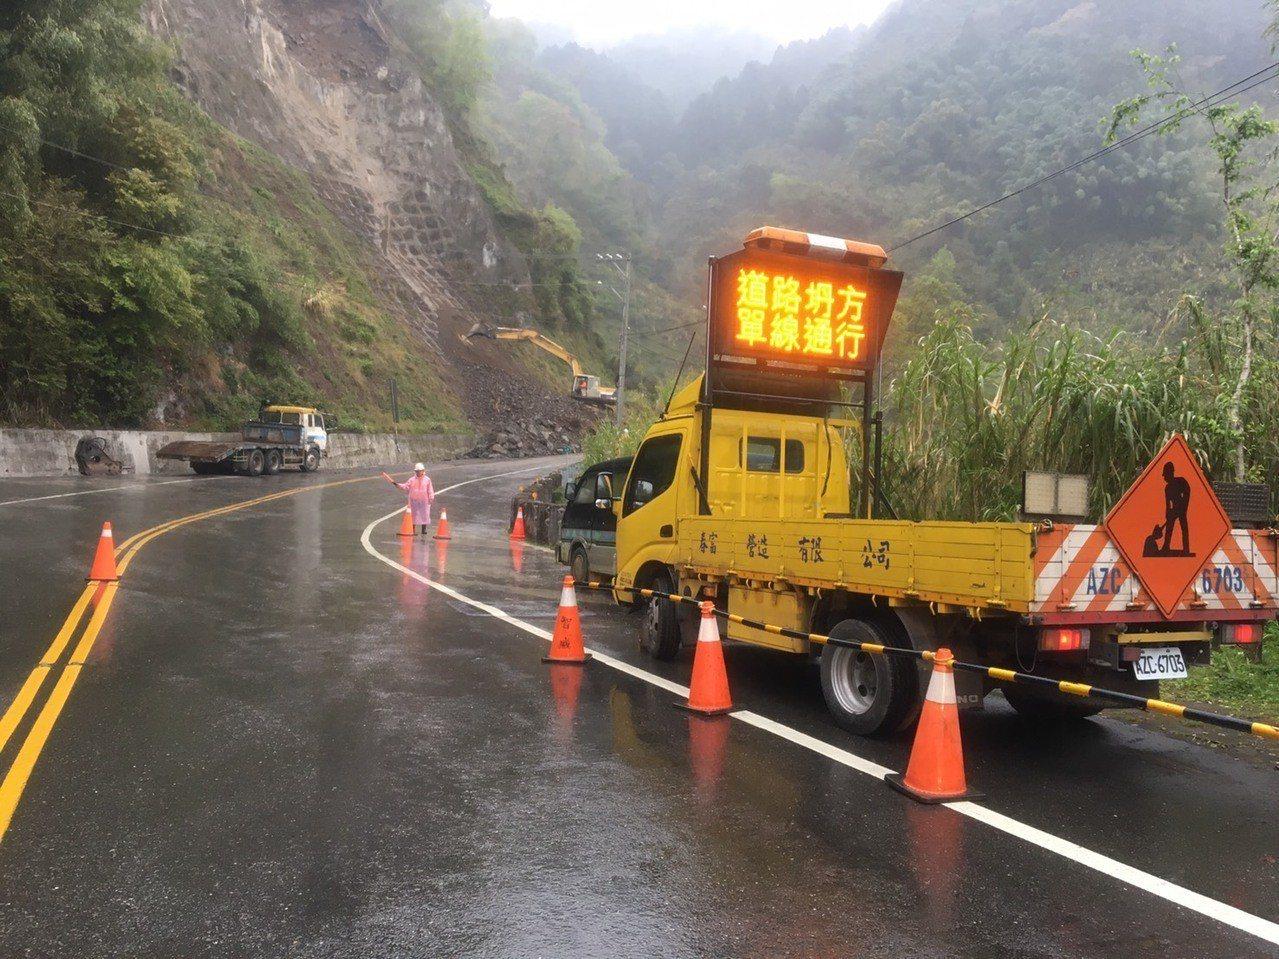 台18線可里山公路十字村路段目前搶通單線通車。記者謝恩得/翻攝